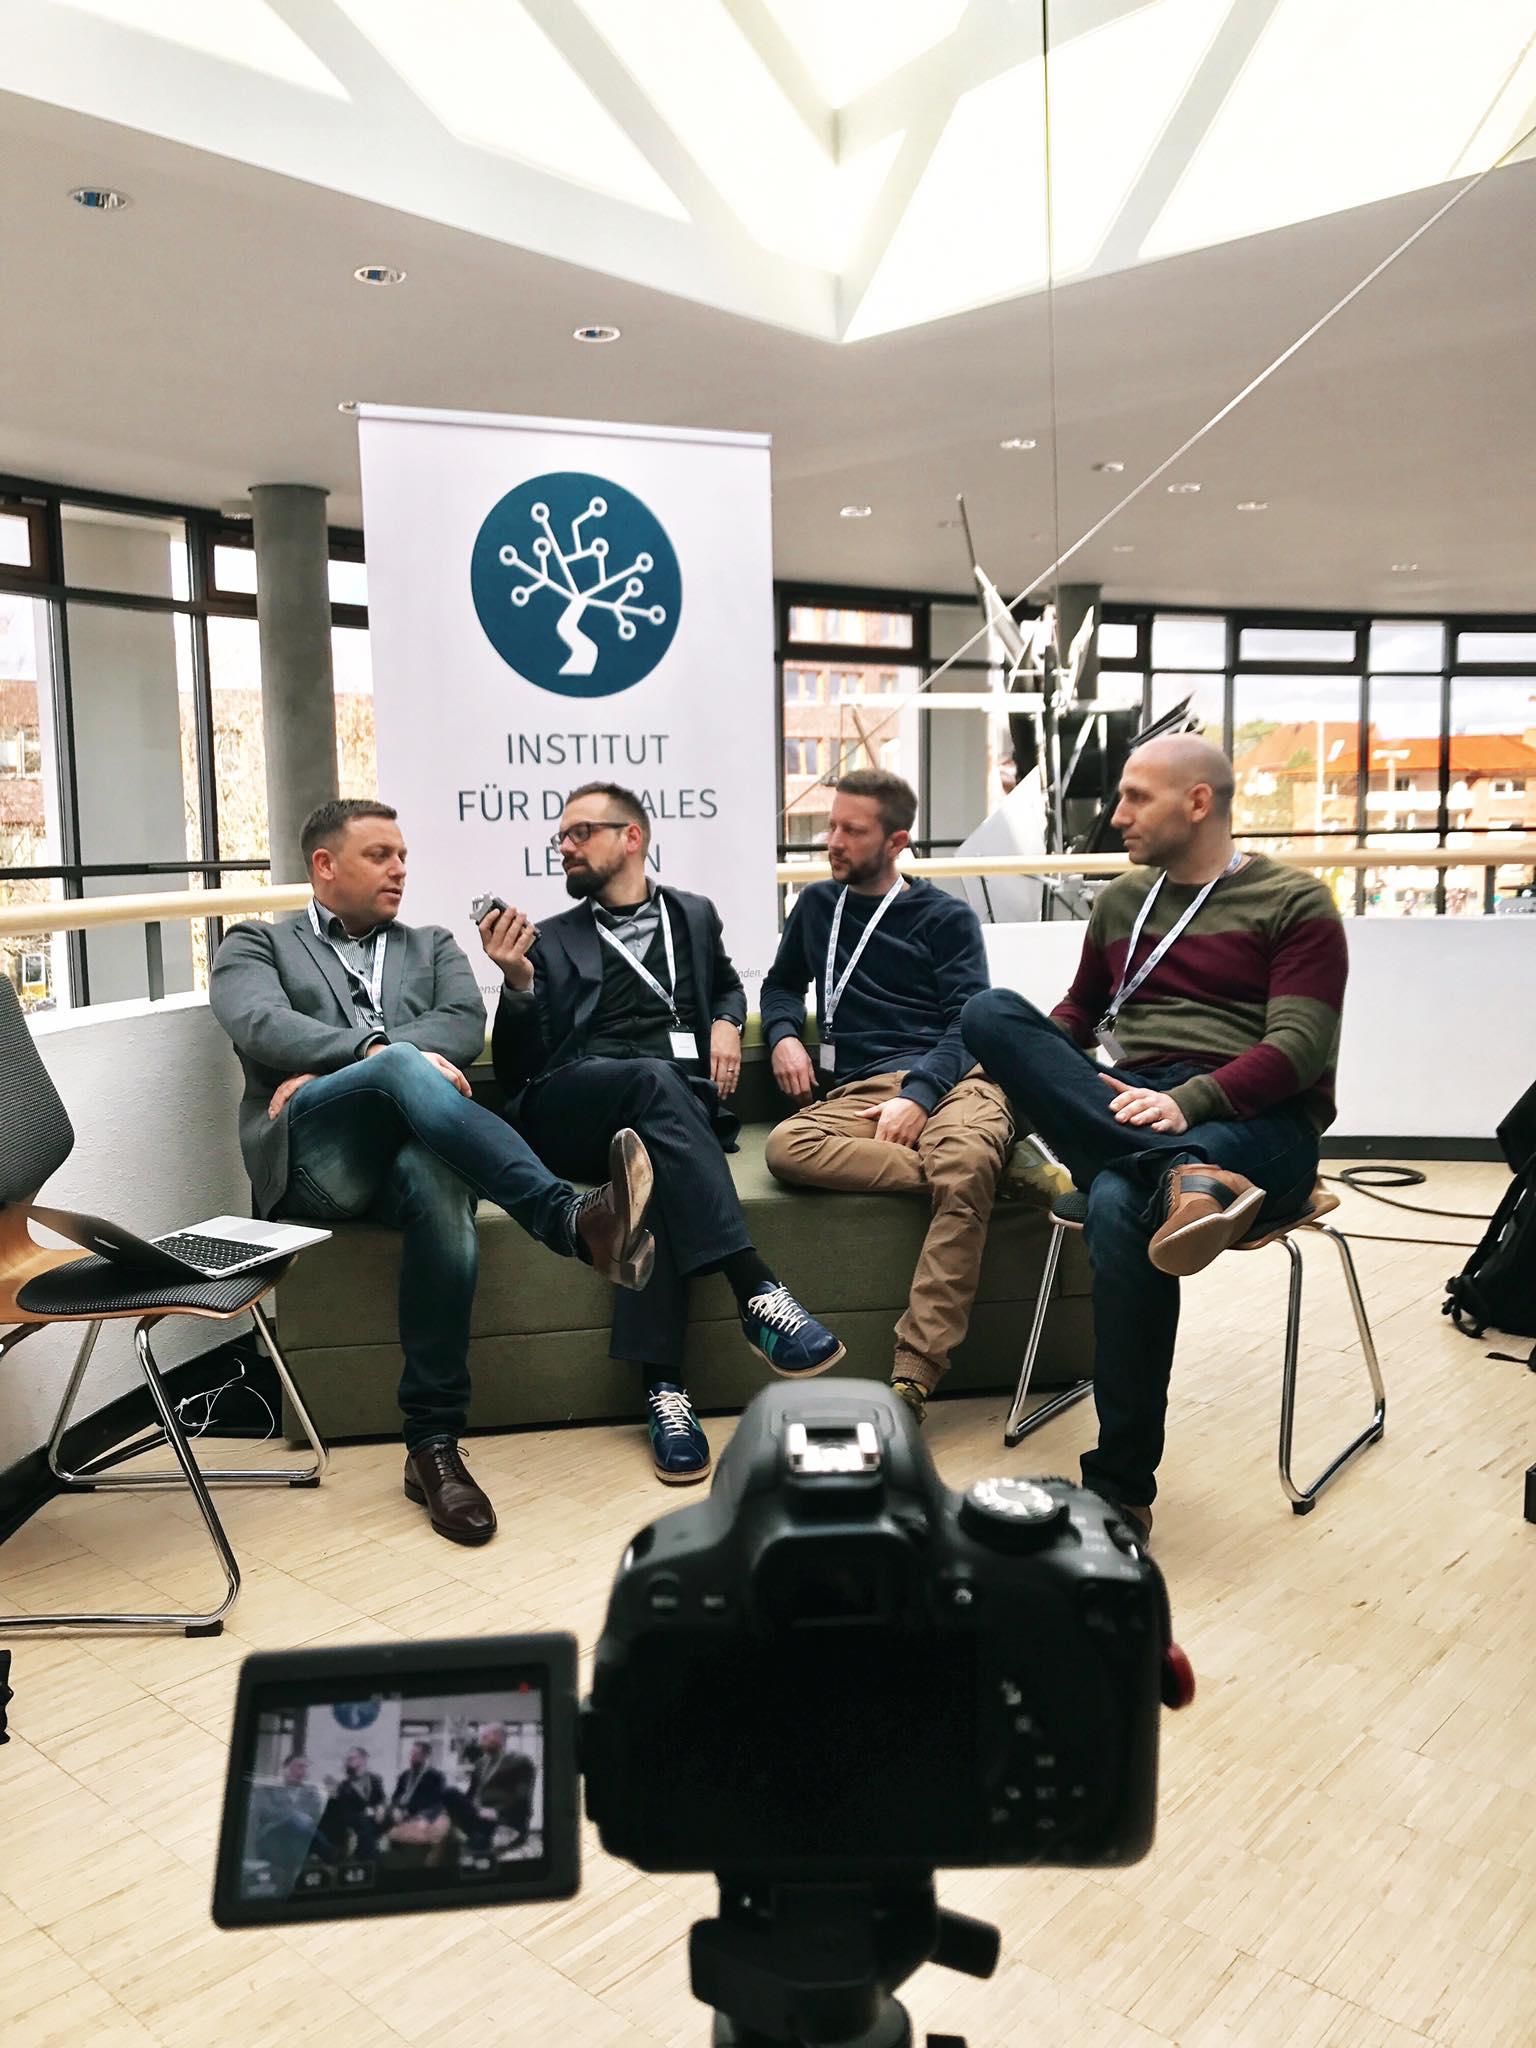 Institut für digitales Lernen Podcast: EduCouch Interview mit Perlen von den Säuen